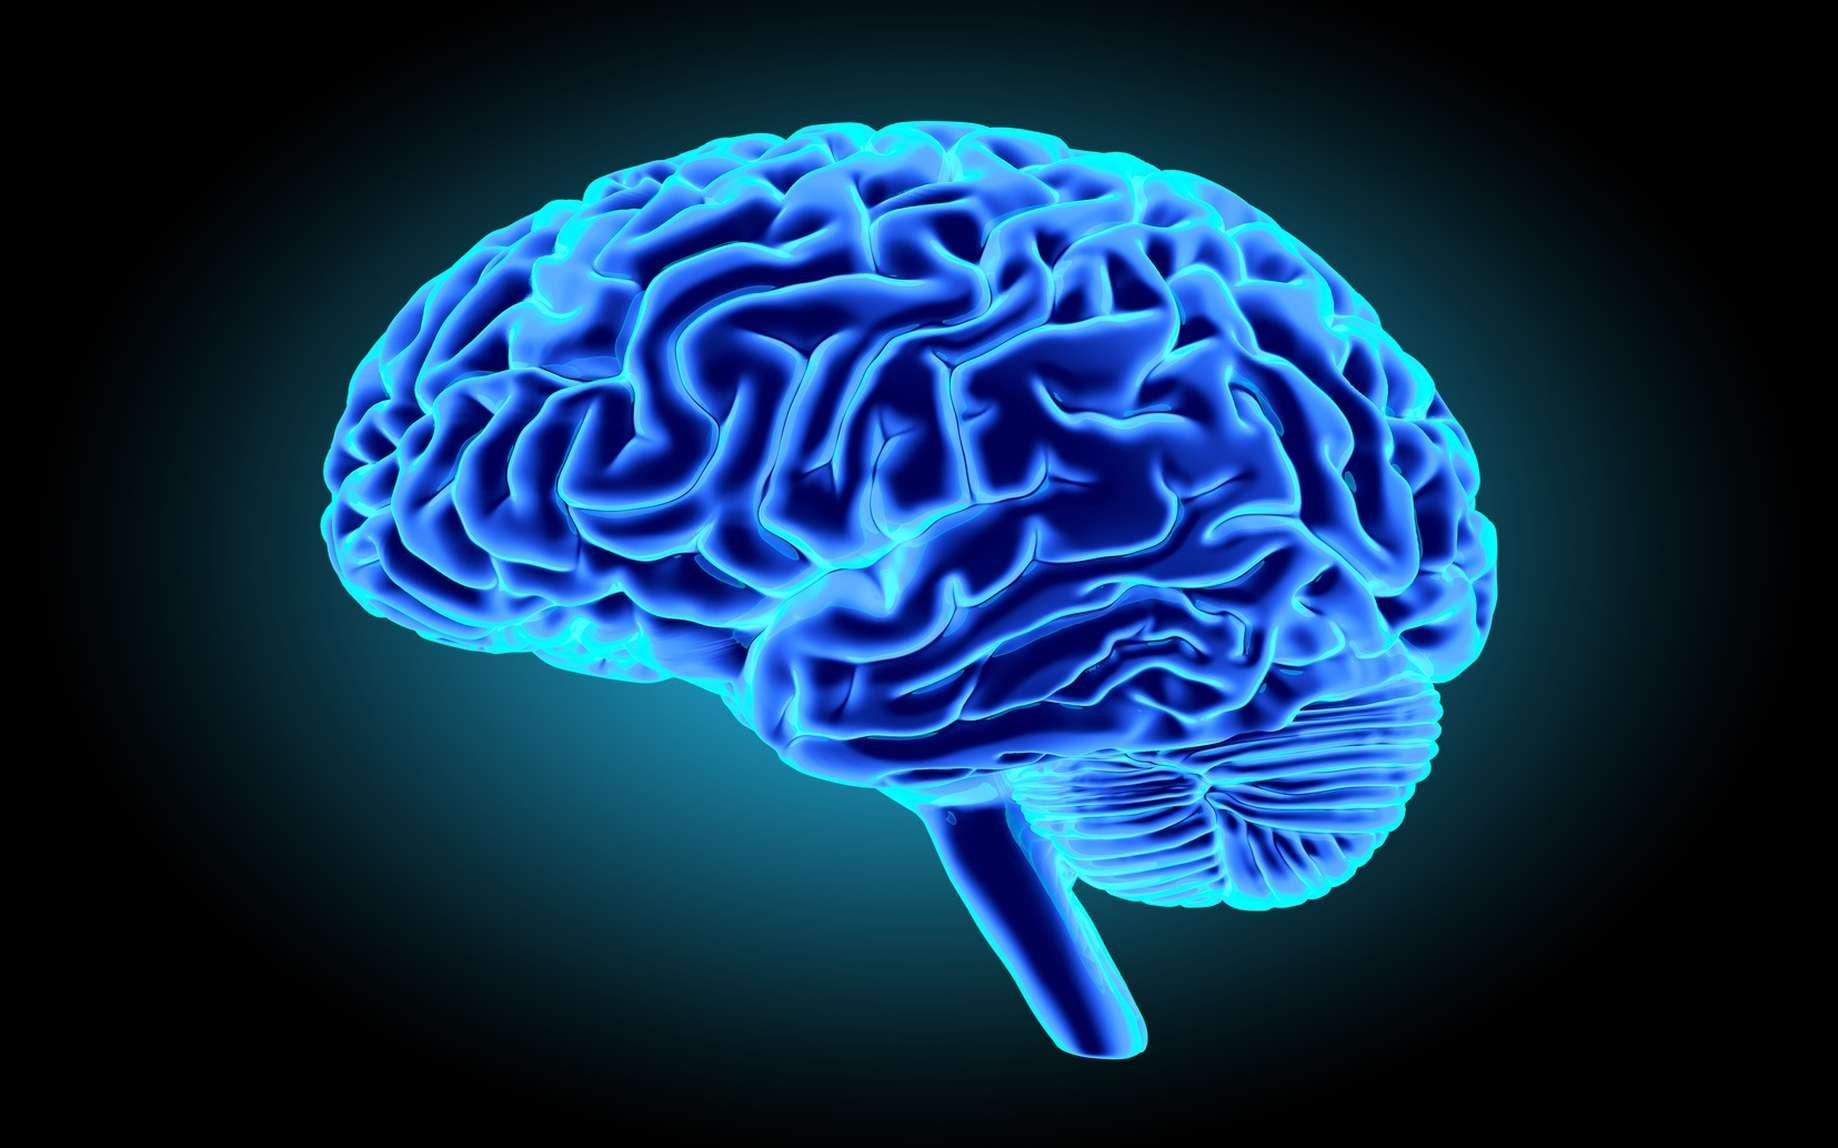 Le cerveau humain n'est ni infiniment grand, ni infiniment petit. Il est infiniment complexe. © gorbovoi81, Fotolia